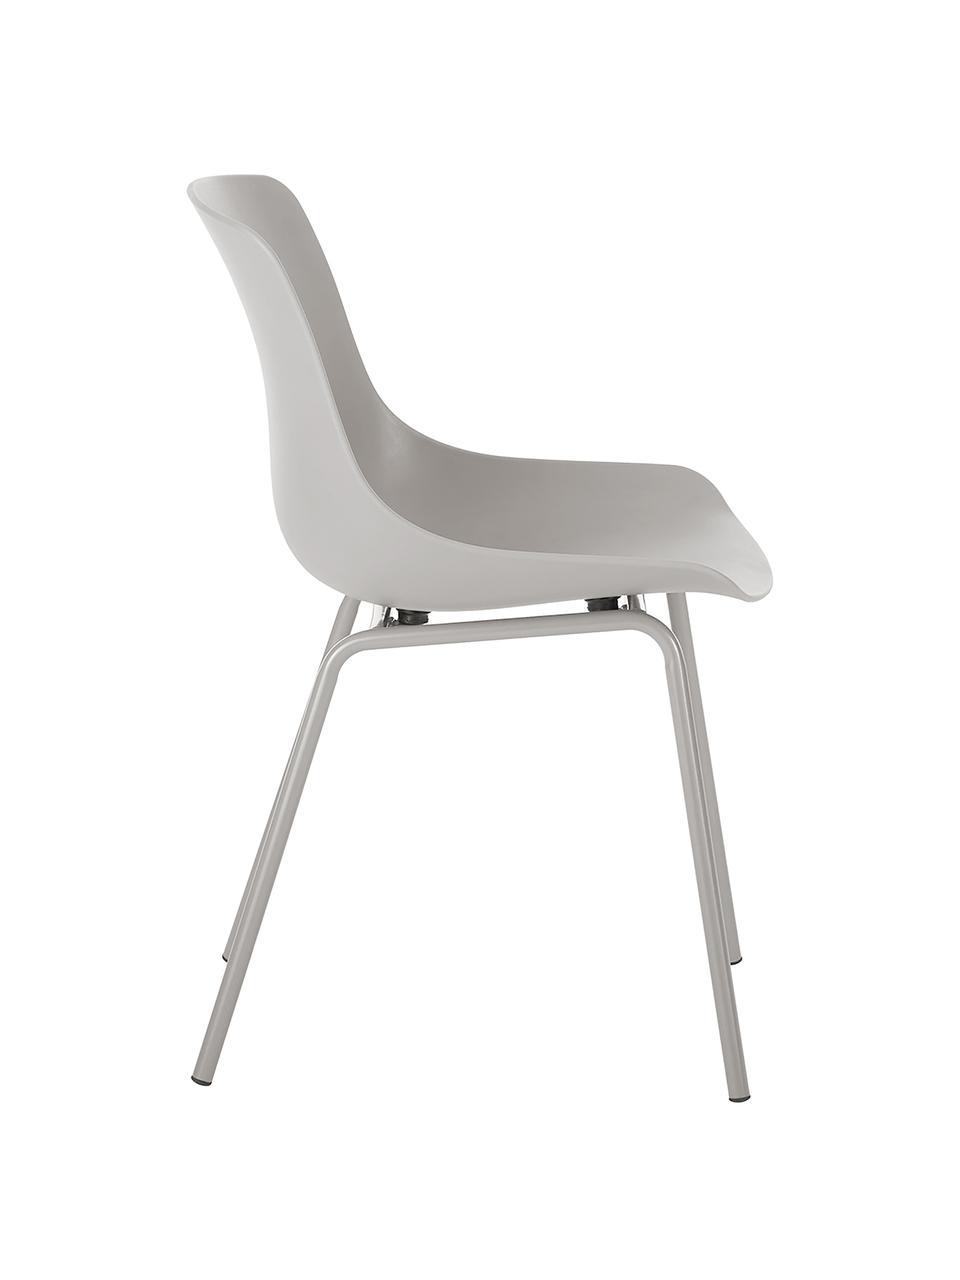 Sedia color taupe con gambe in metallo Dave 2 pz, Seduta: materiale sintetico, Gambe: metallo verniciato a polv, Taupe, Larg. 46 x Prof. 53 cm